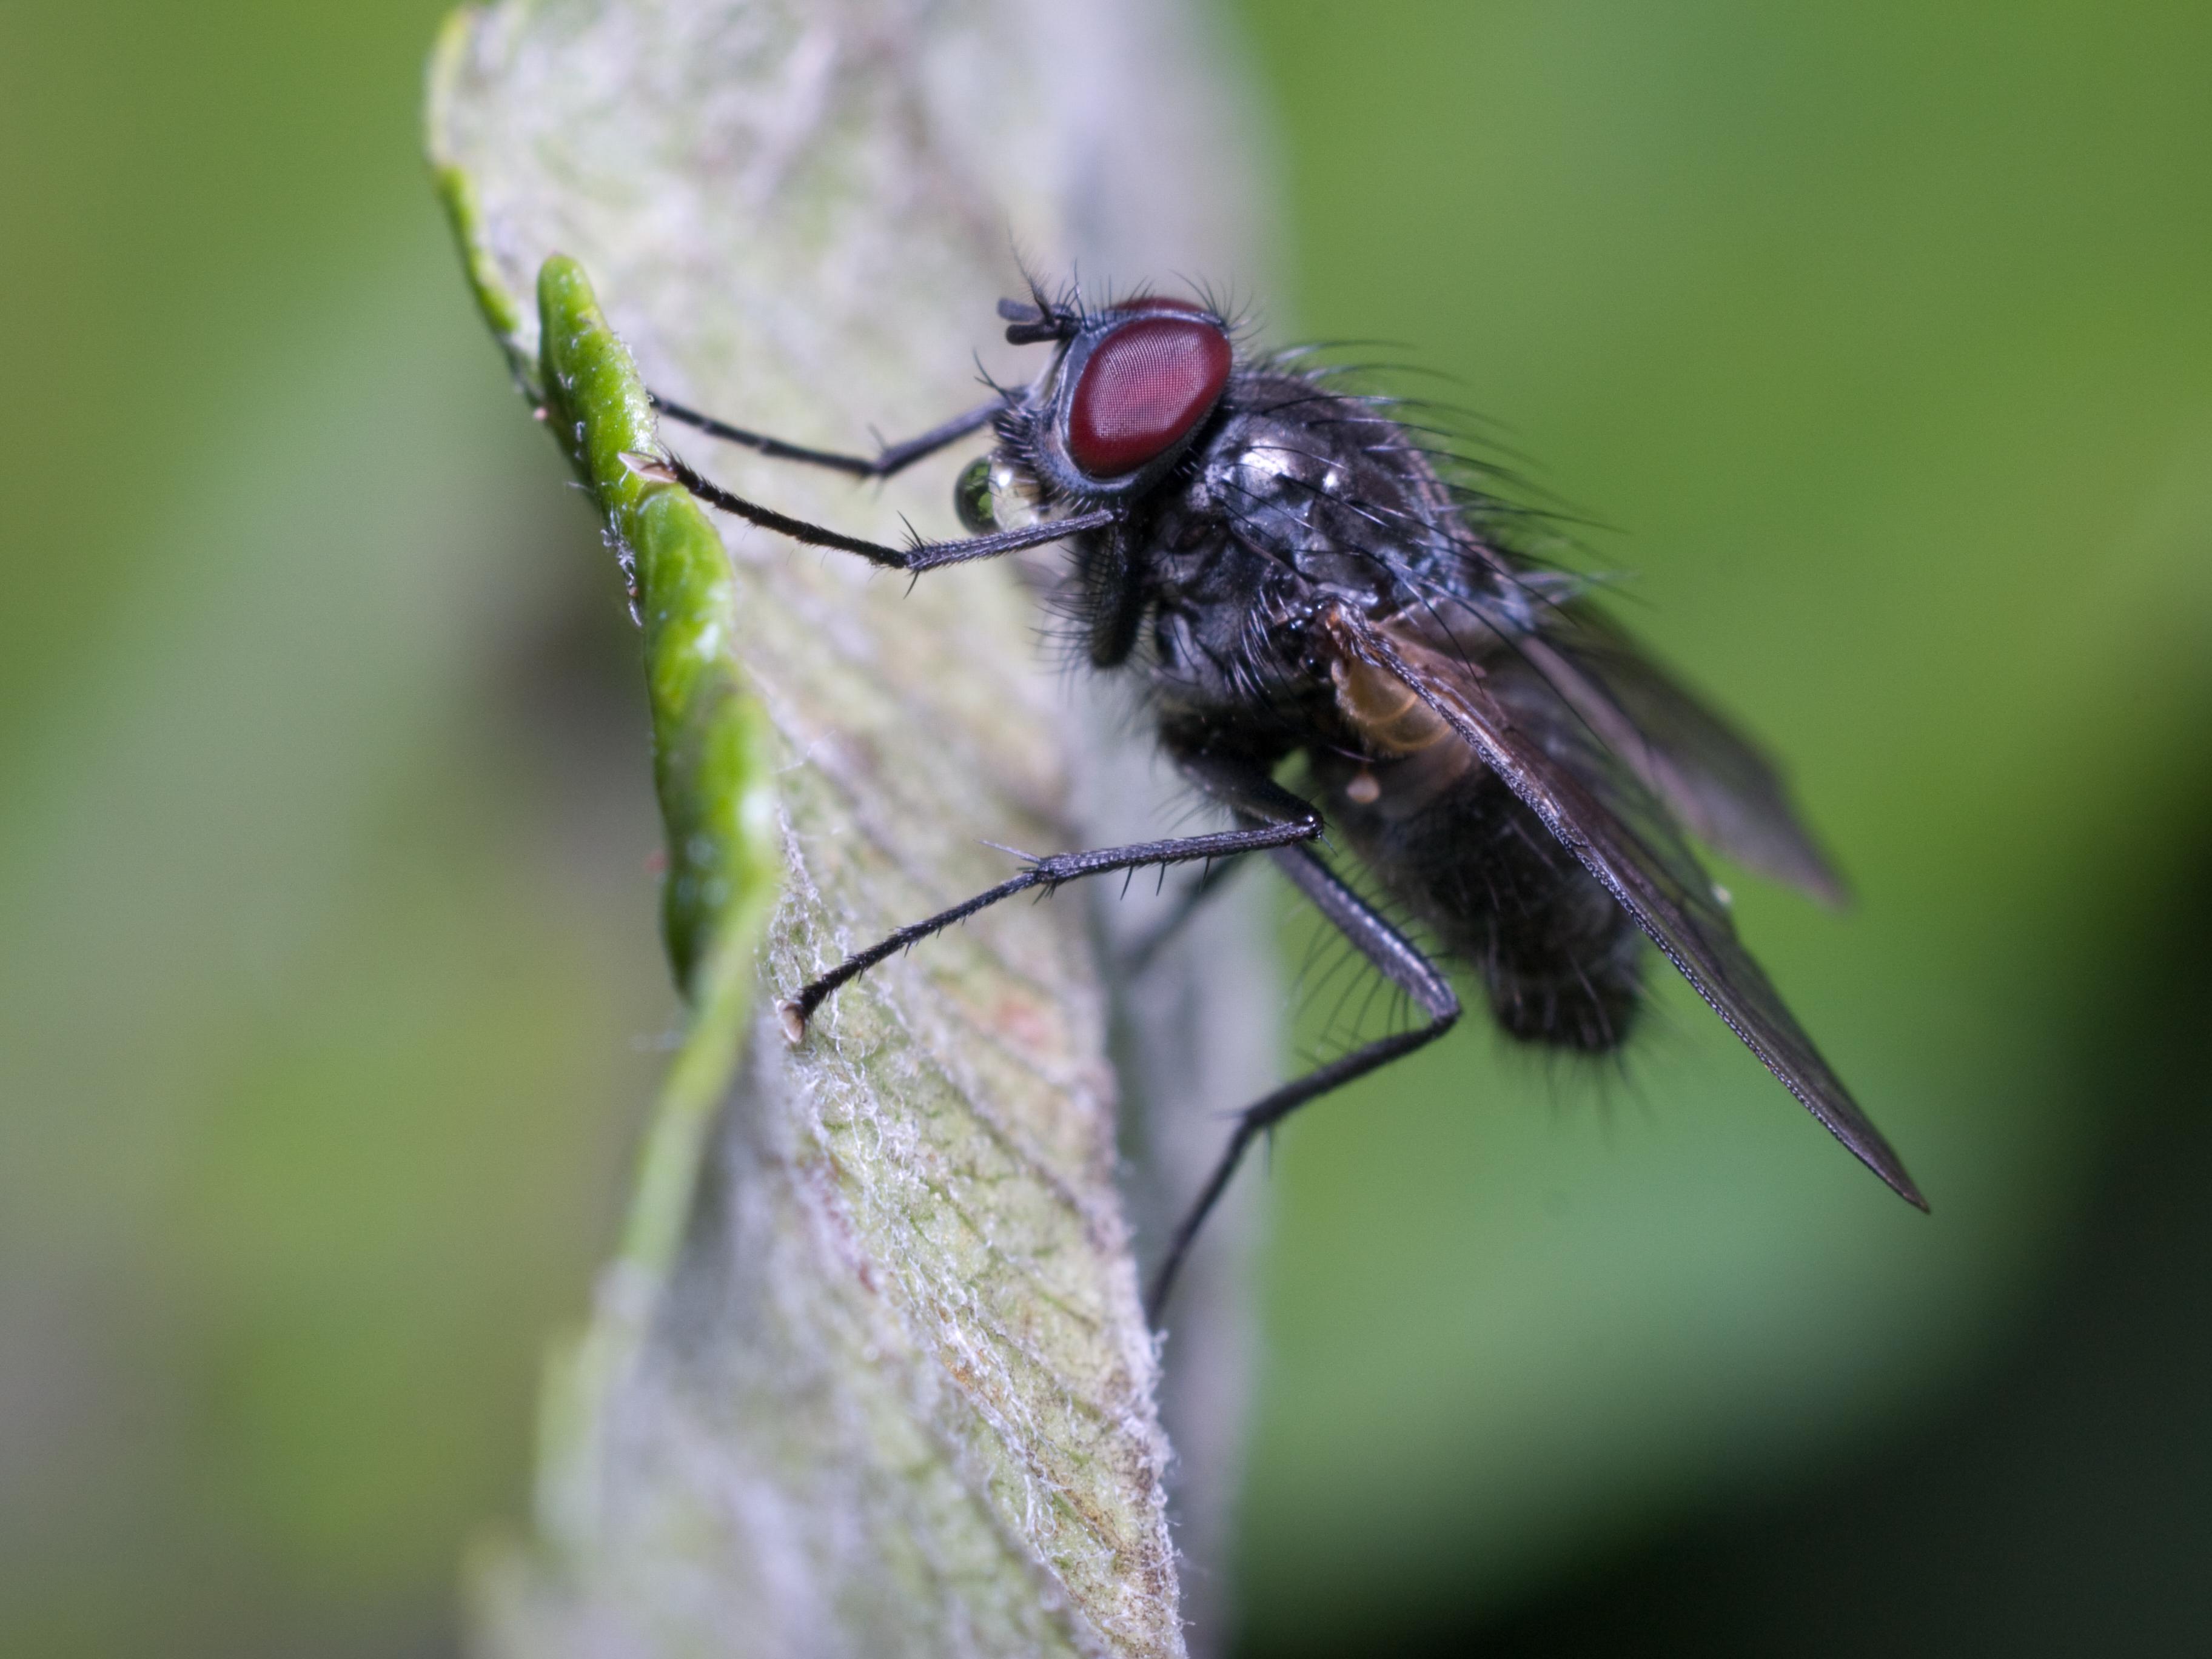 Muscidae - meddic